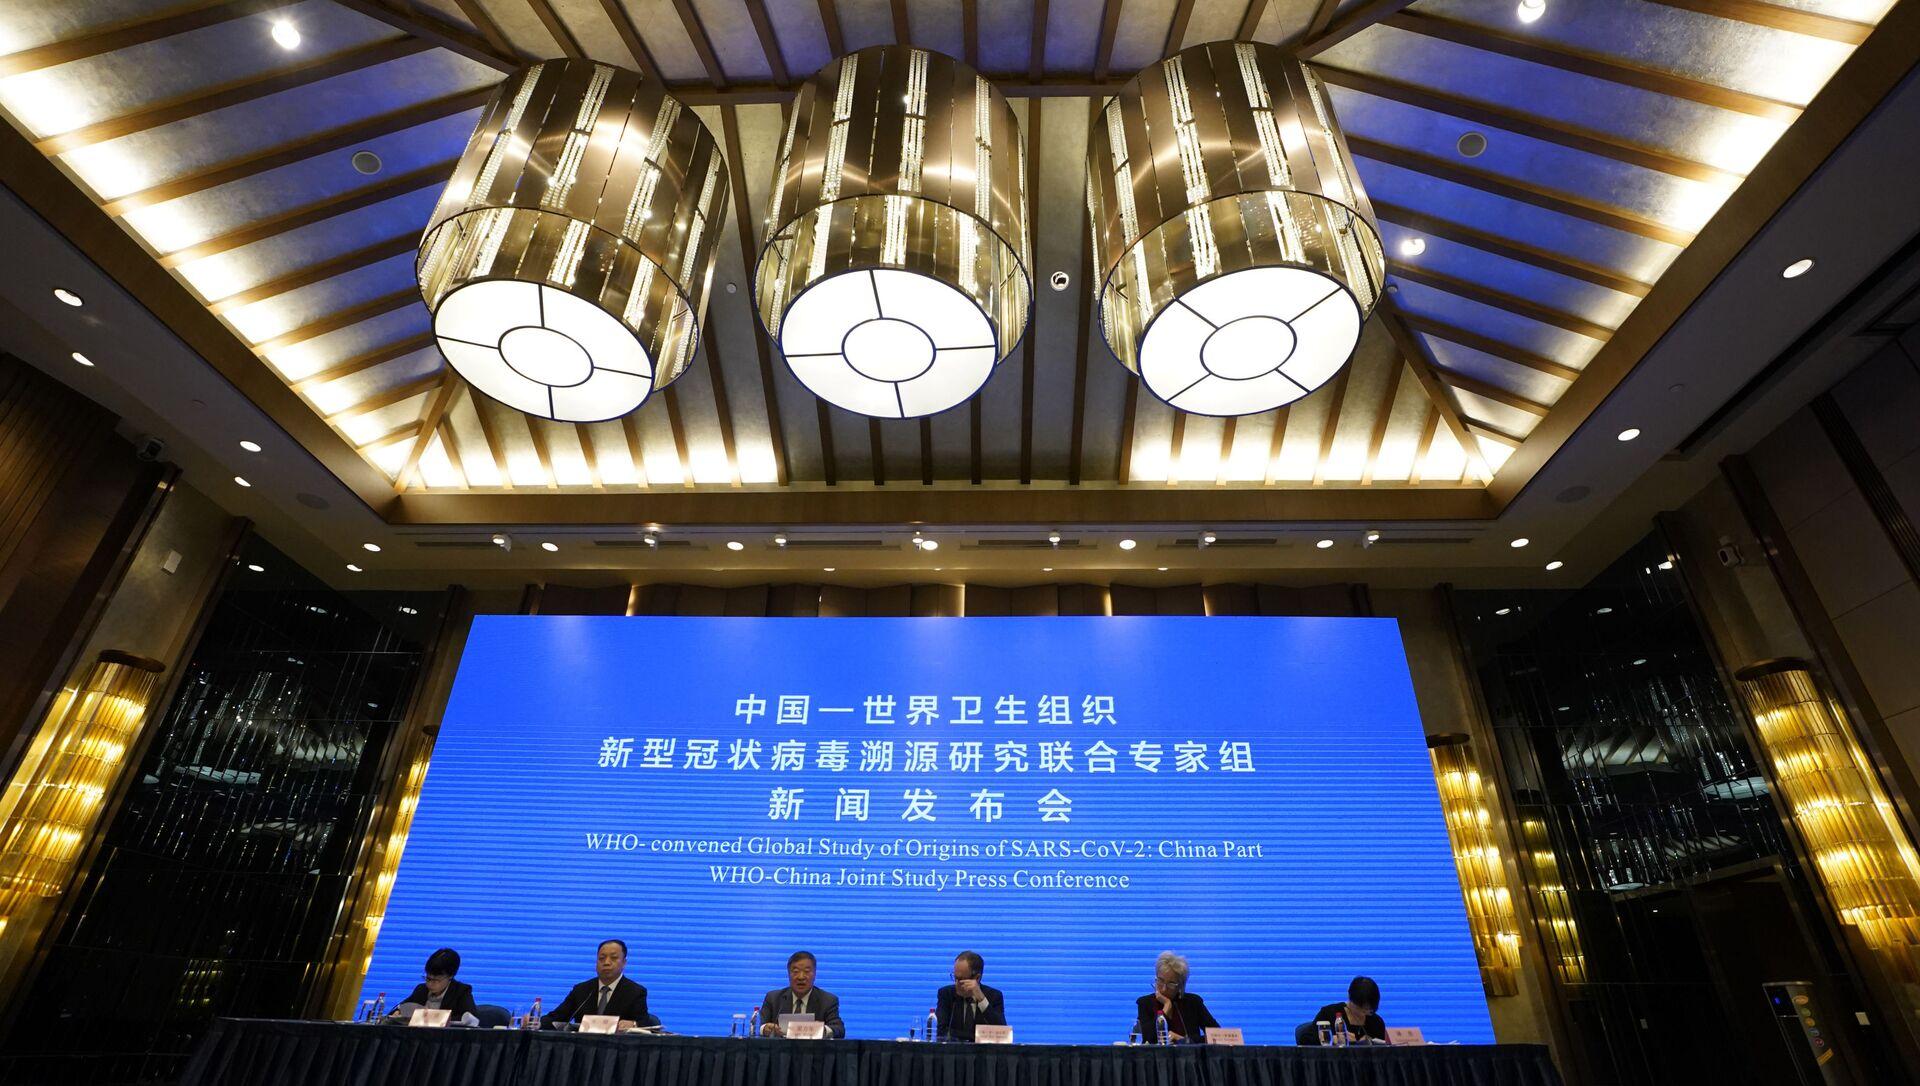 Une conférence de presse sur l'étude conjointe OMS-Chine se tient à la fin d'une mission visant à découvrir les origines de la pandémie - Sputnik France, 1920, 12.08.2021